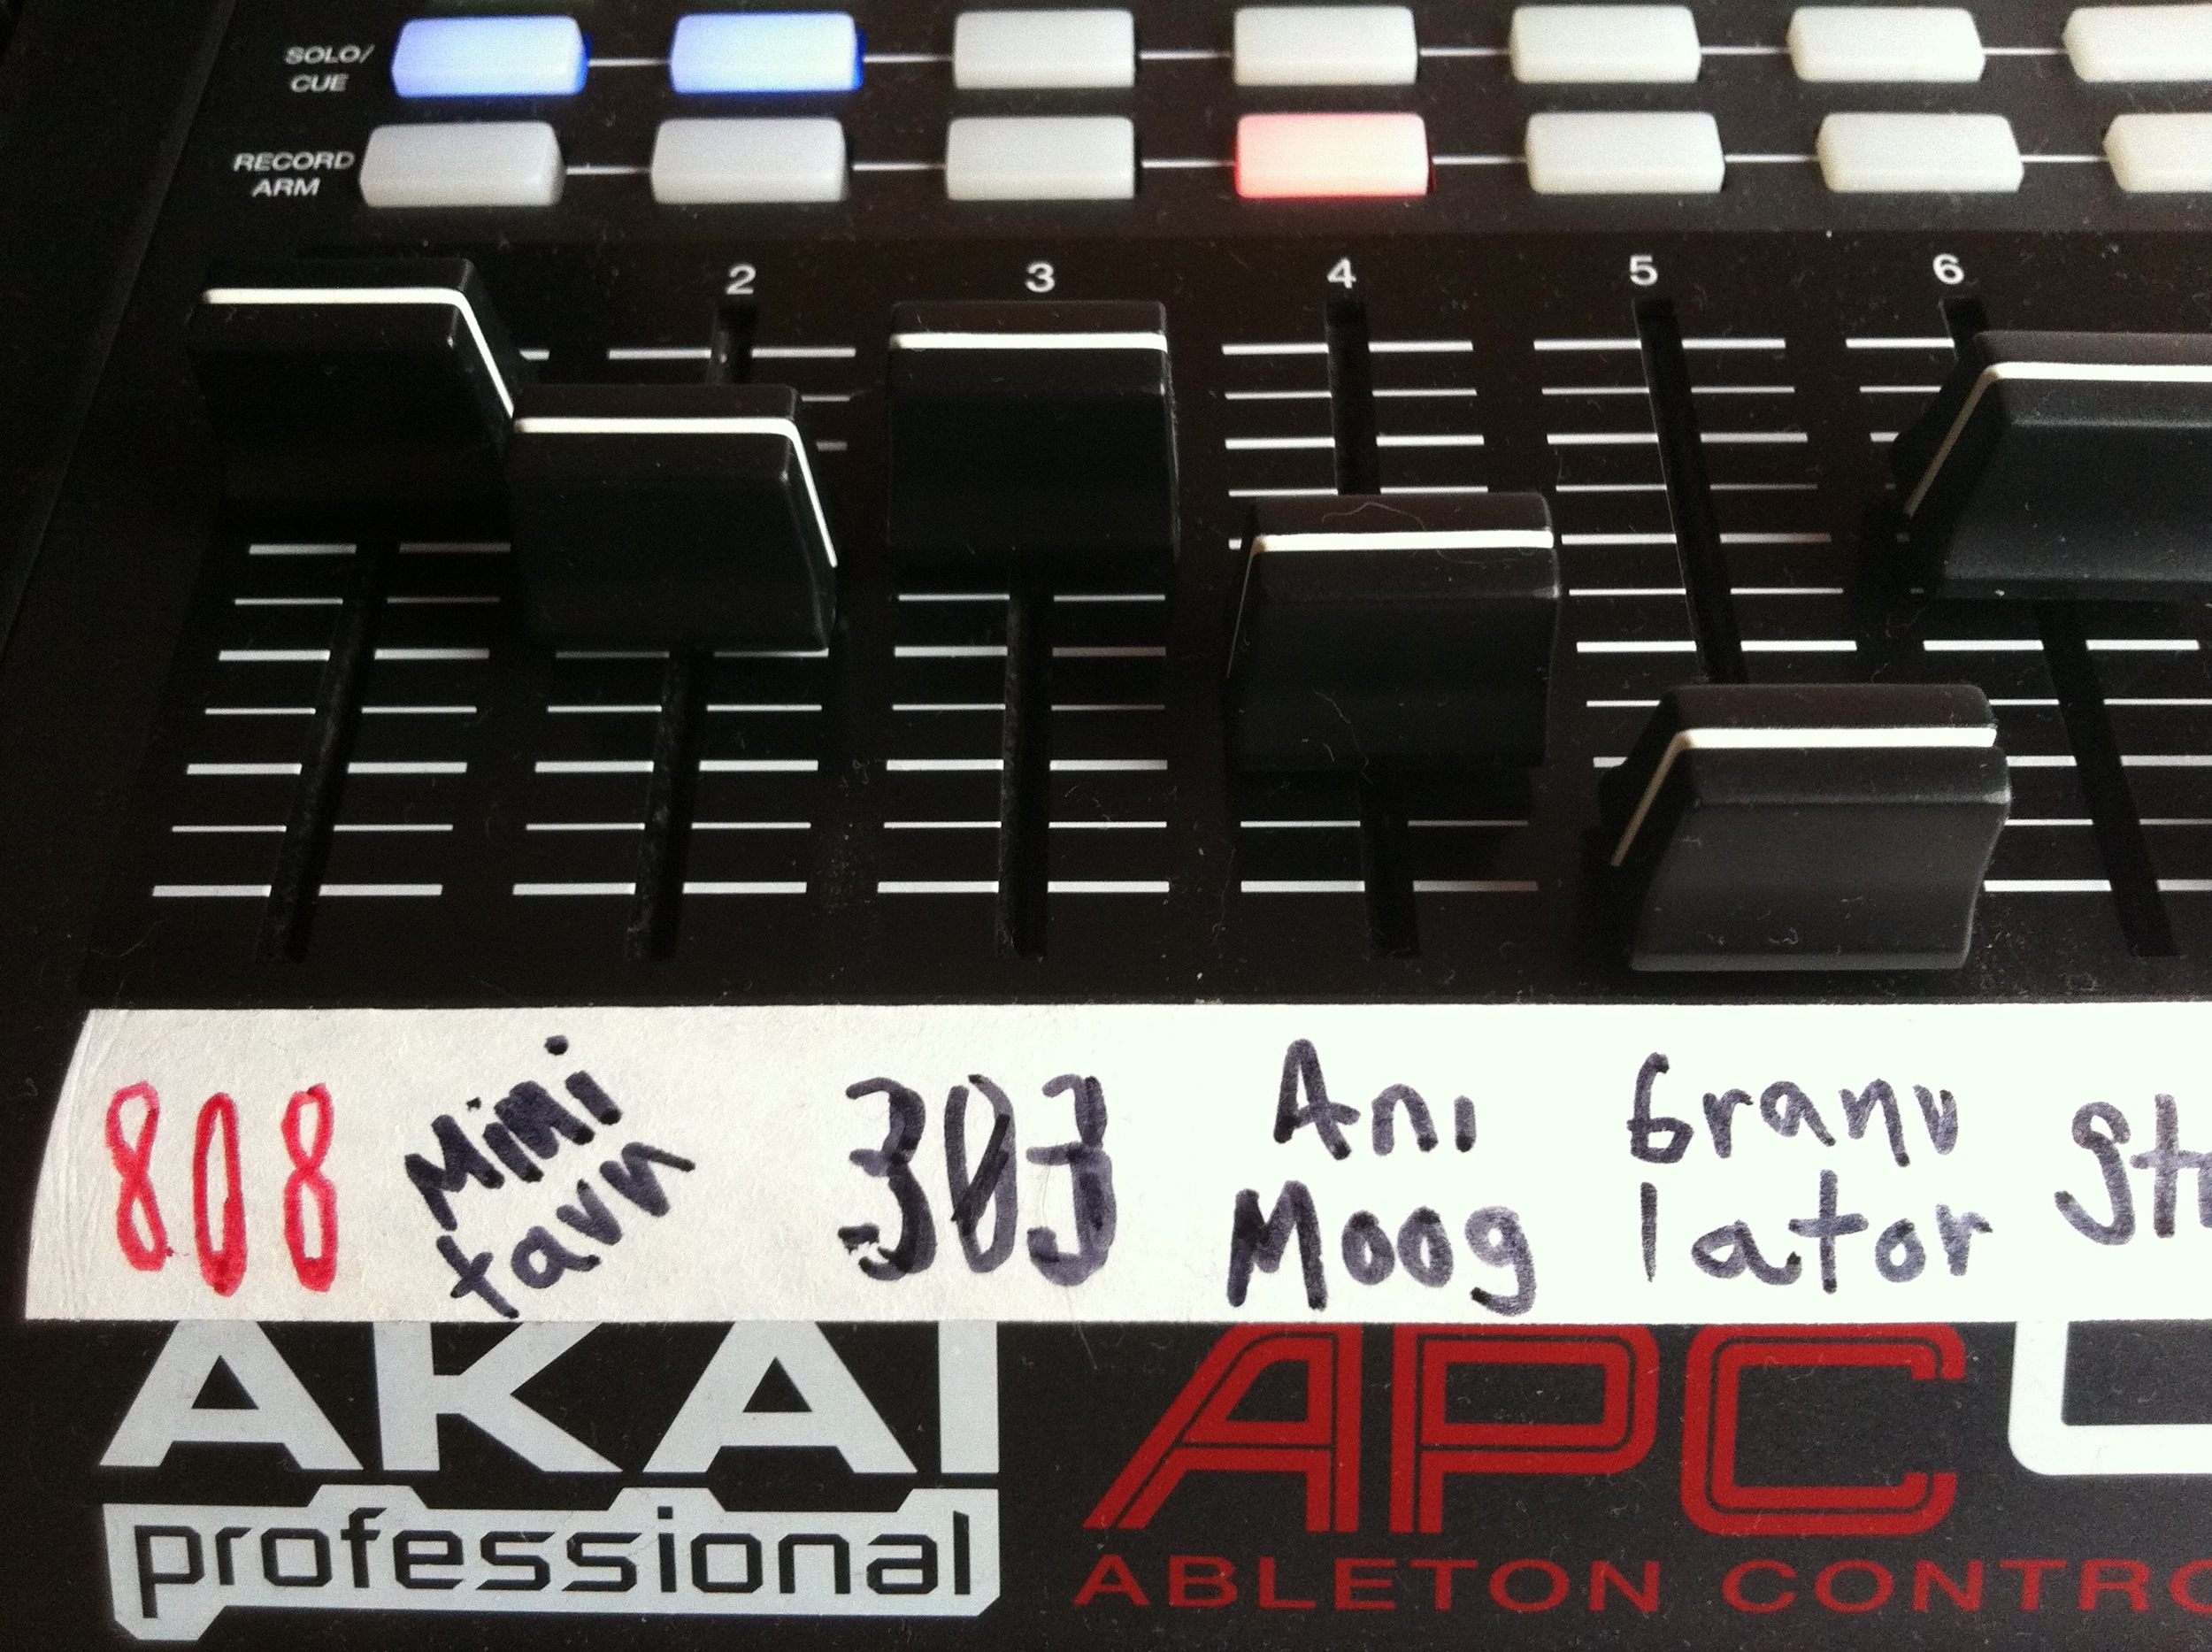 Akai APC 40